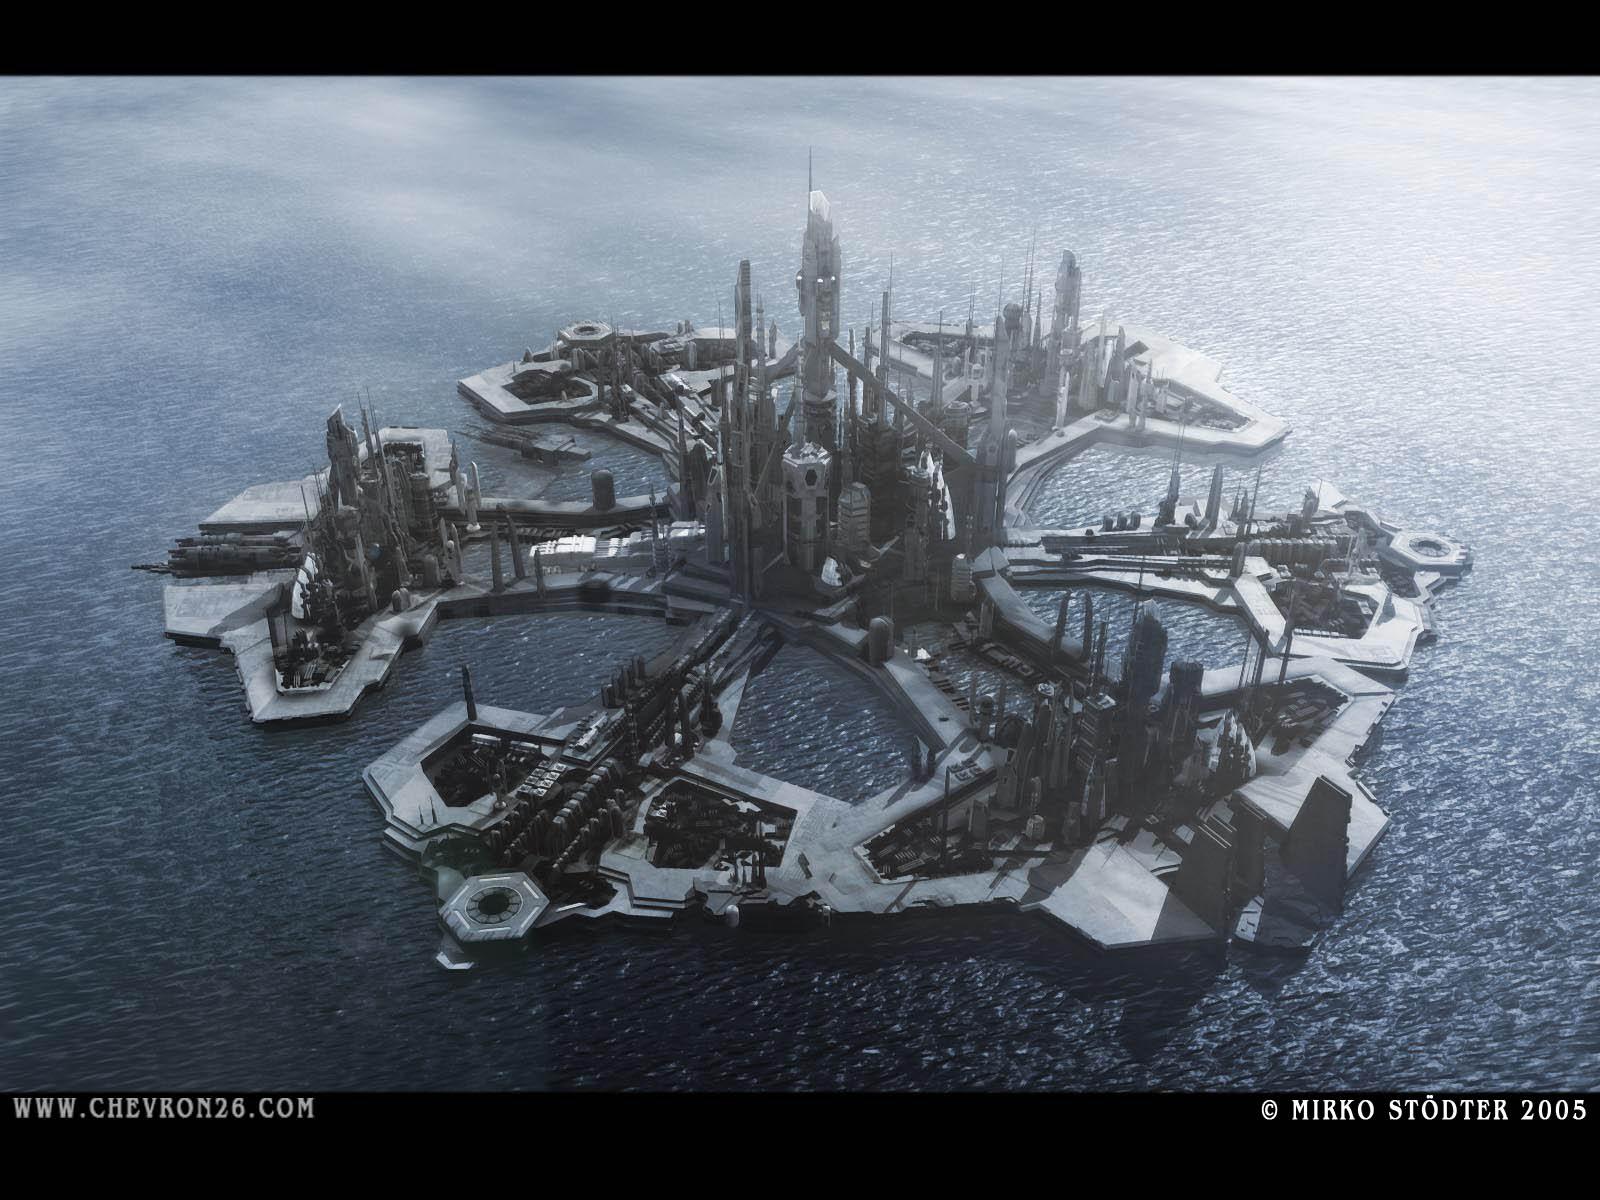 L'histoire au fil des années... Stargateatlantis